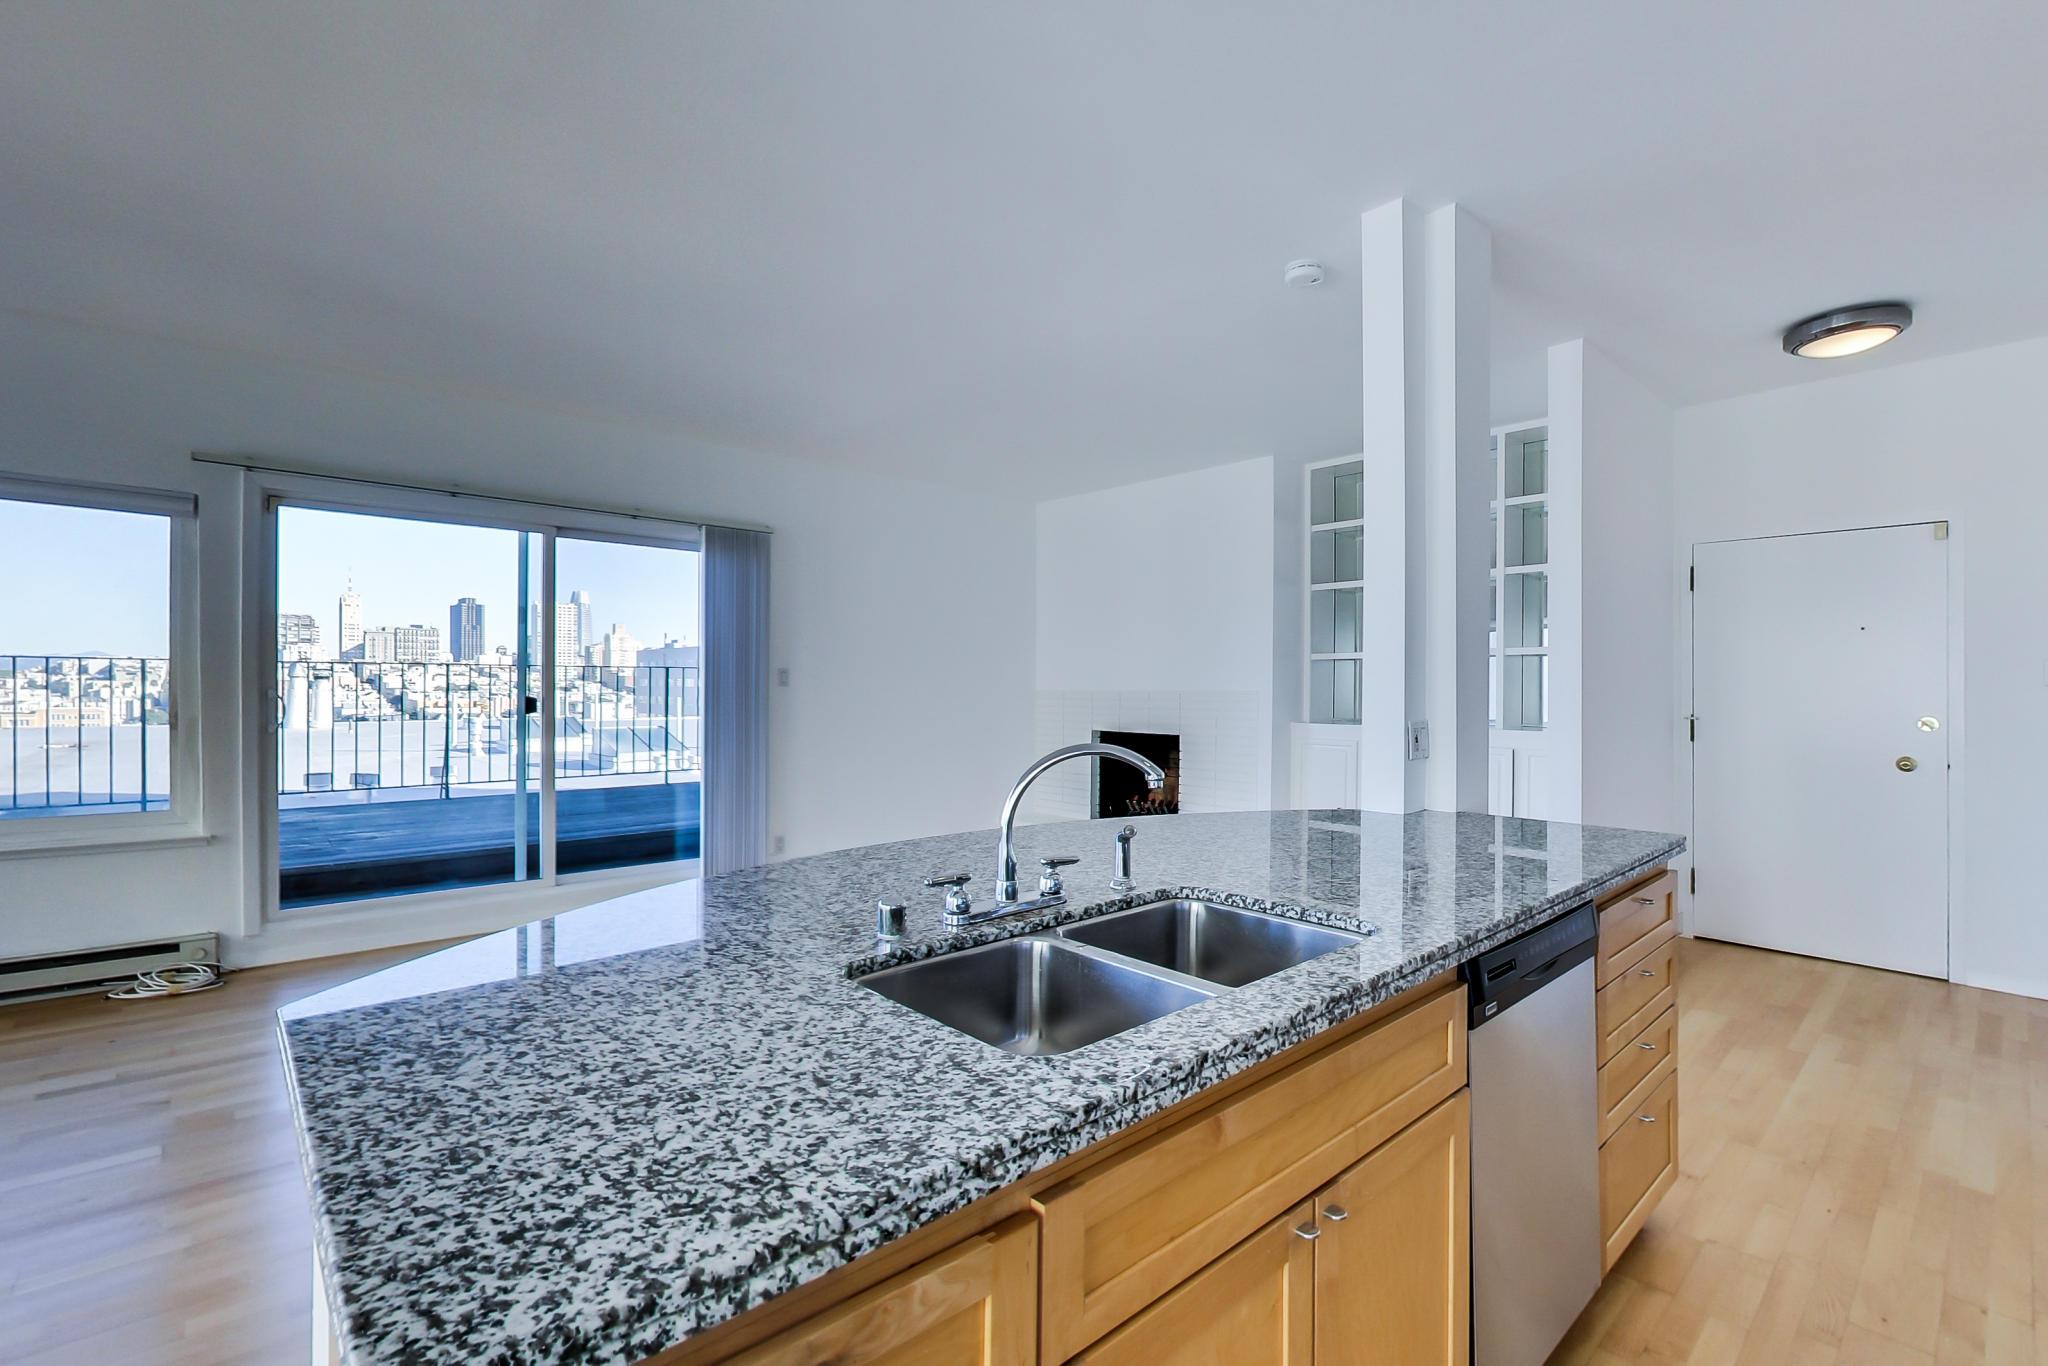 2080 Gough St #416 For Rent - San Francisco, CA | Trulia